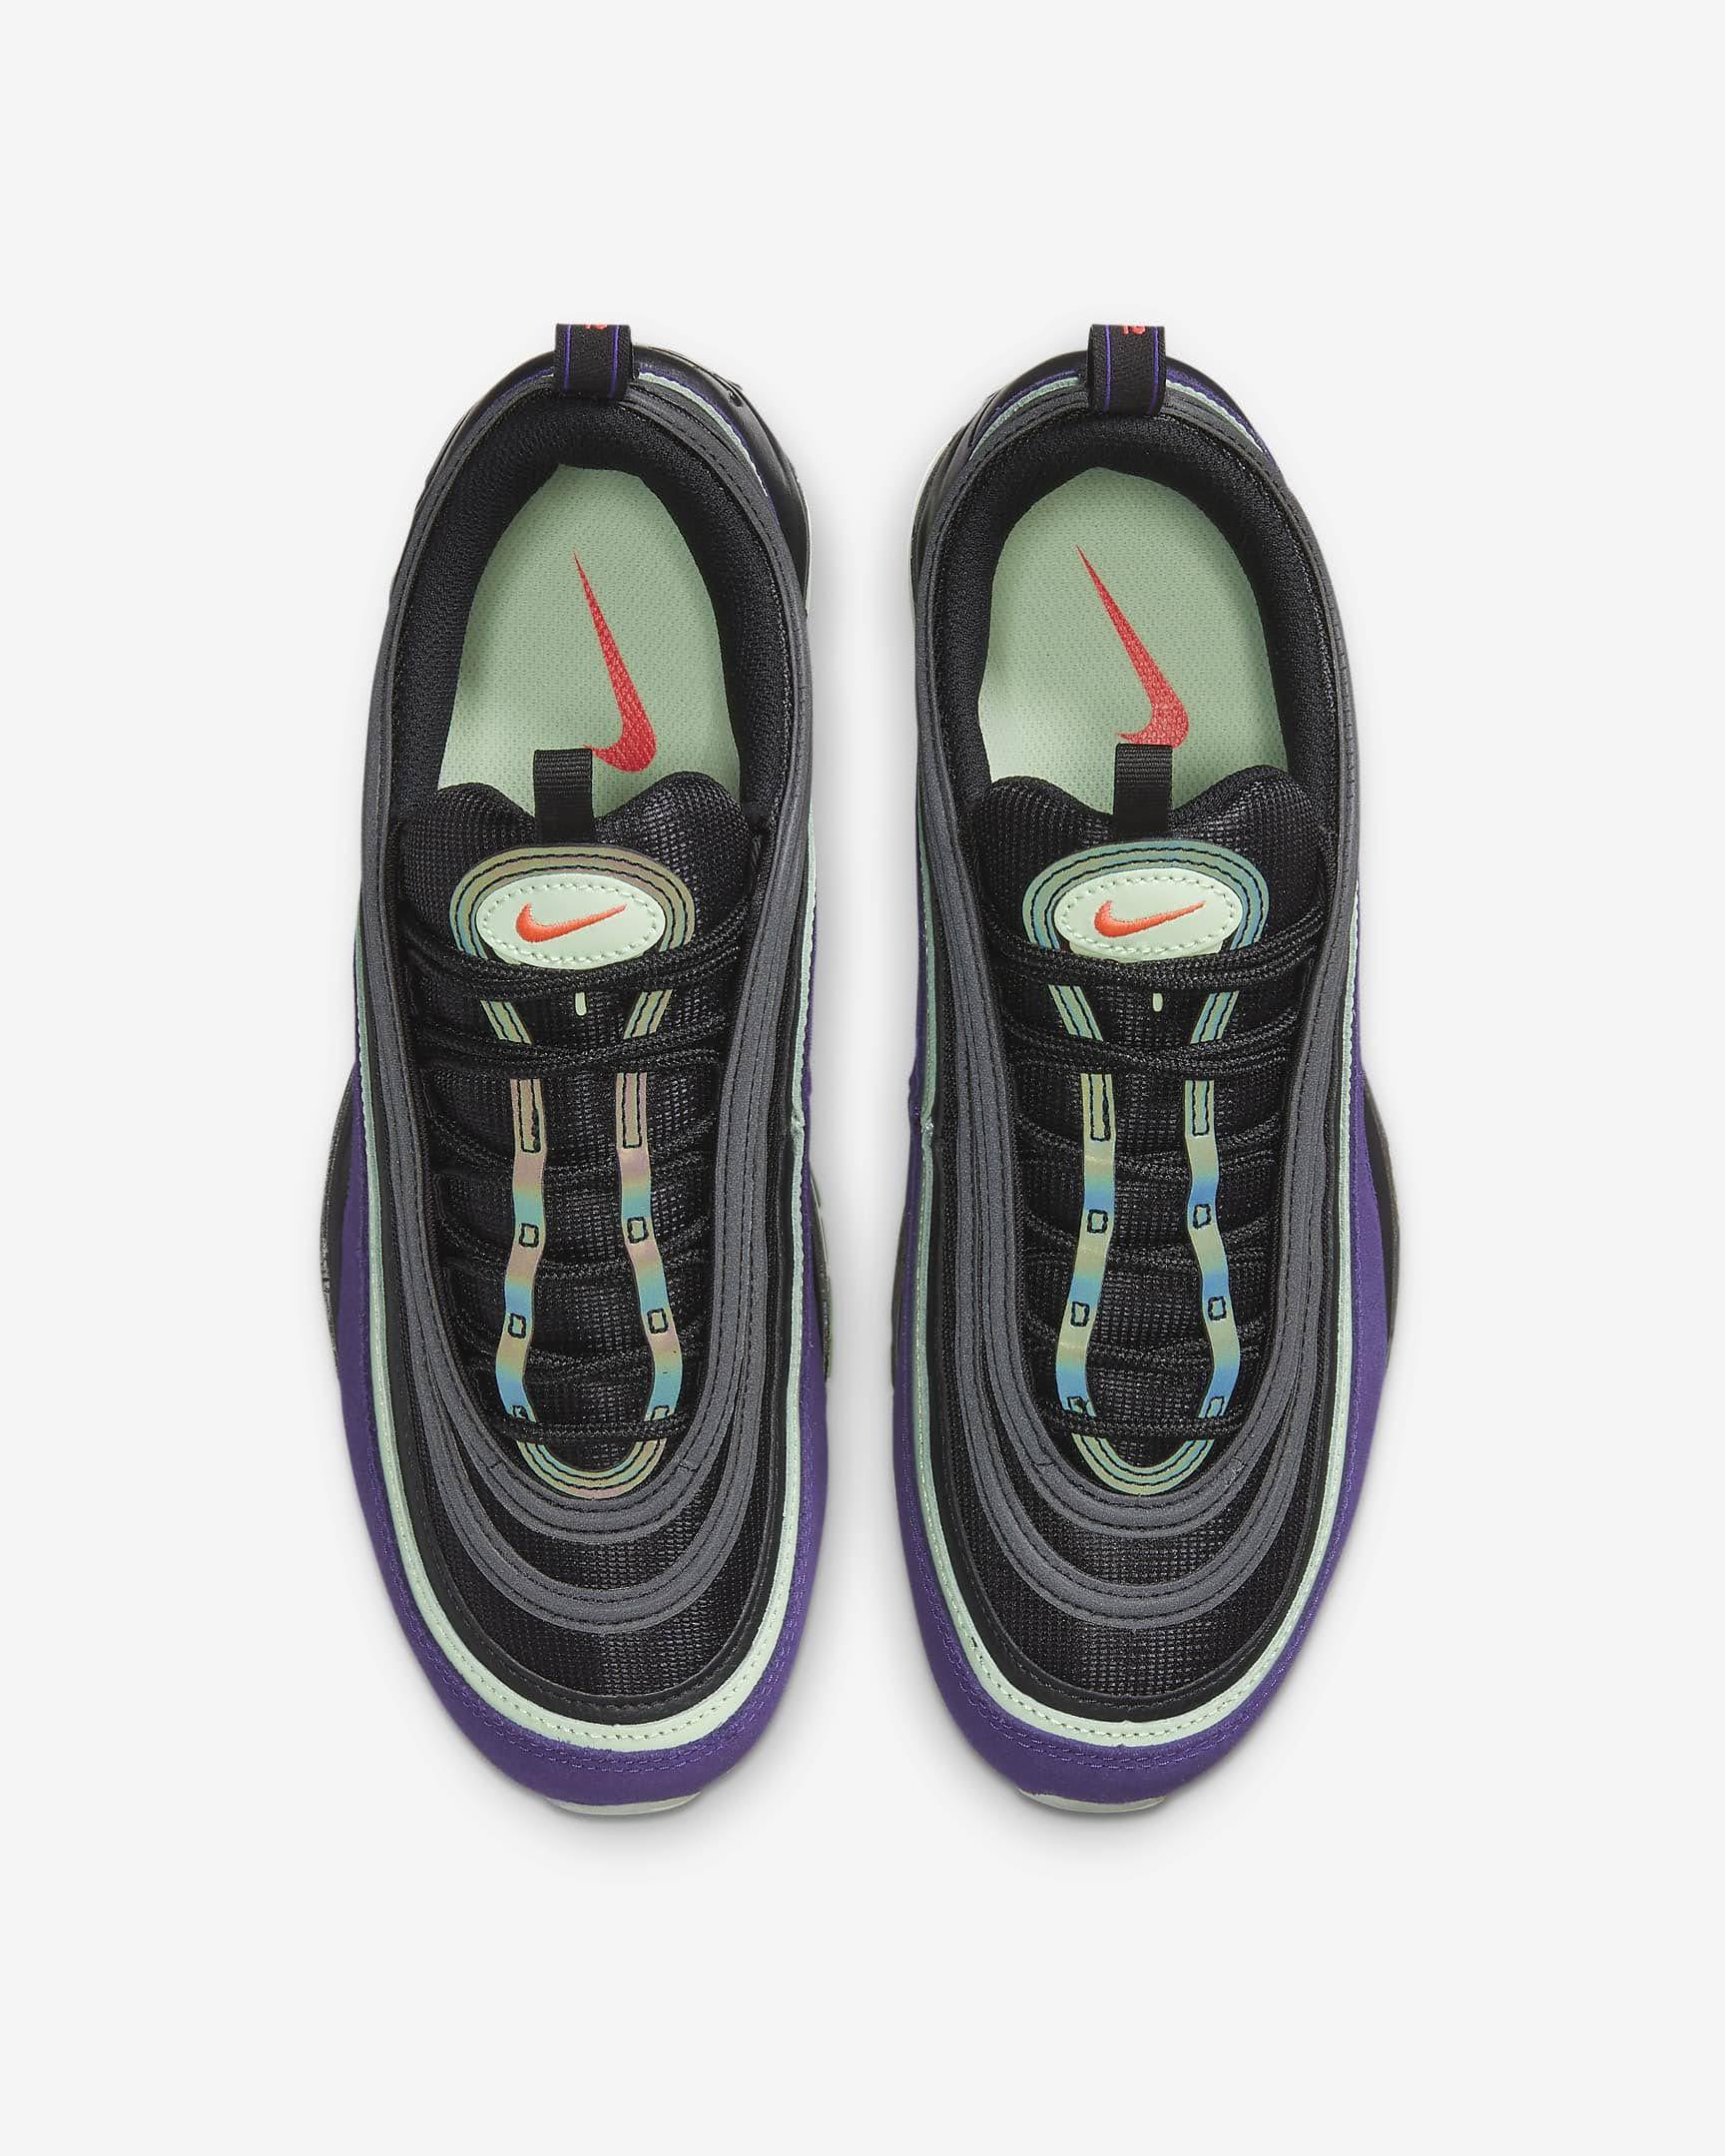 ナイキ エア マックス 97 ハロウィーン Nike-Air-Max-97-Halloween-top